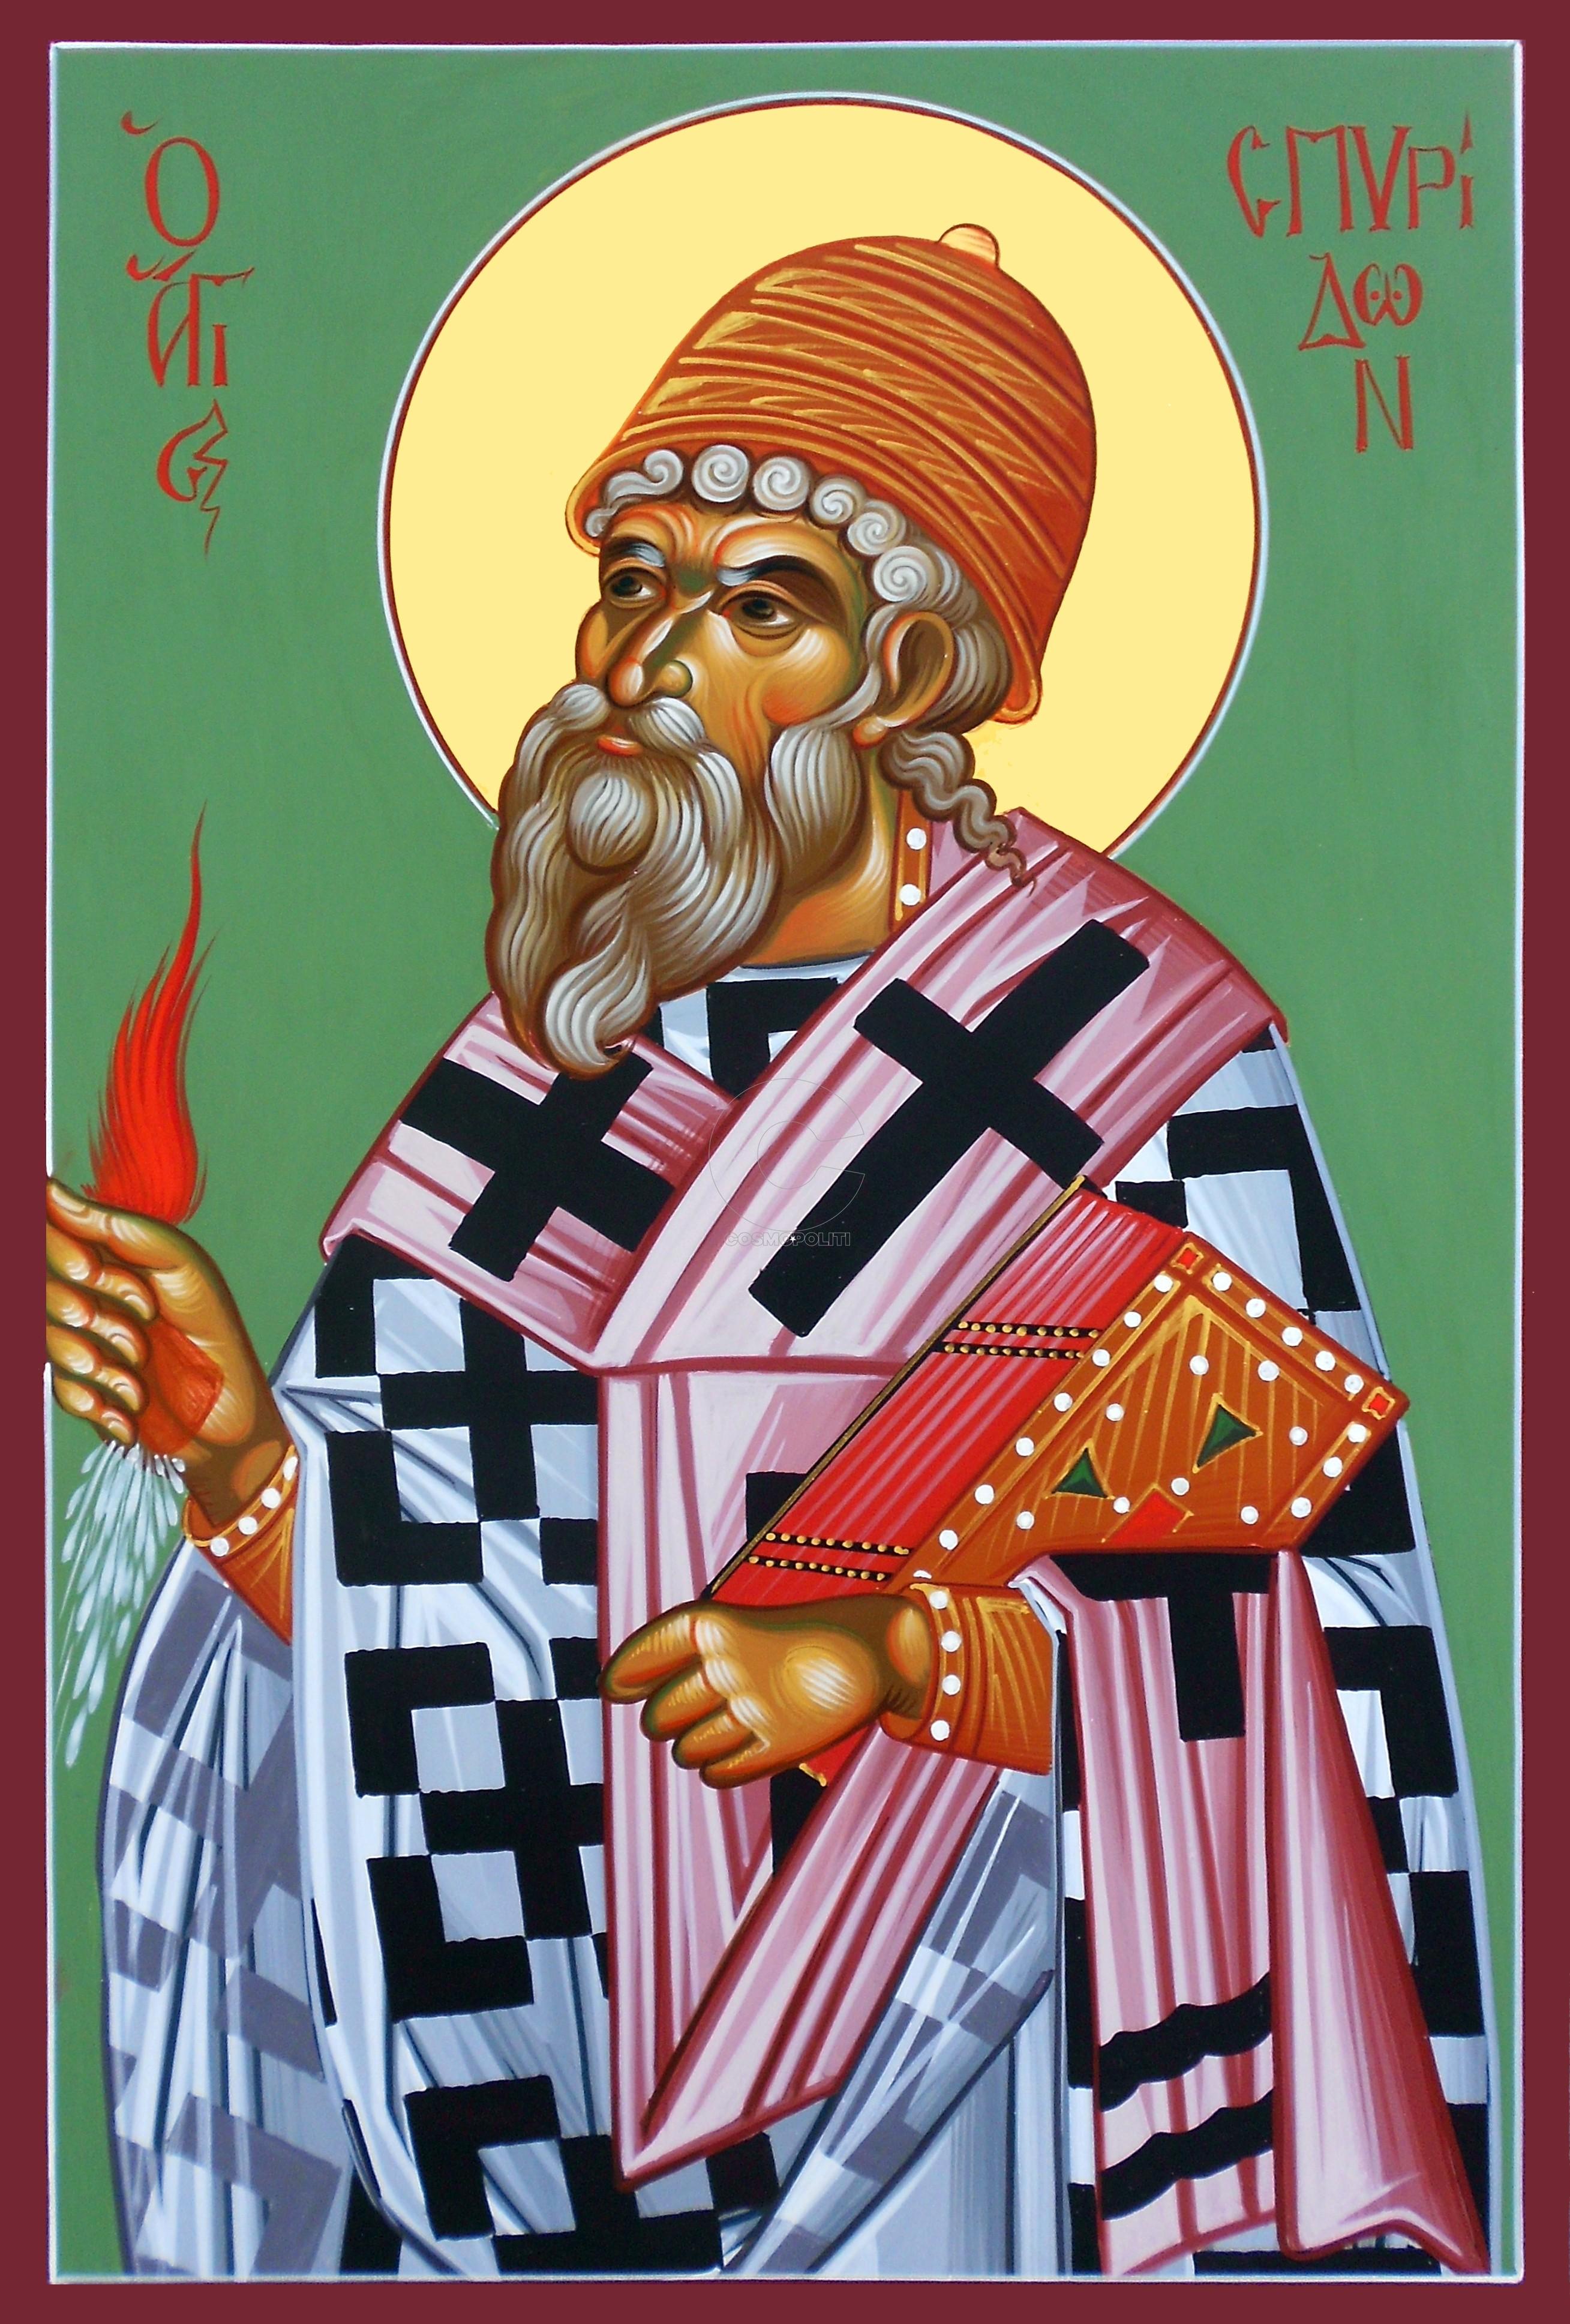 Ο Άγιος Σπυρίδων, Saint Spyridon, Святитель Спиридон